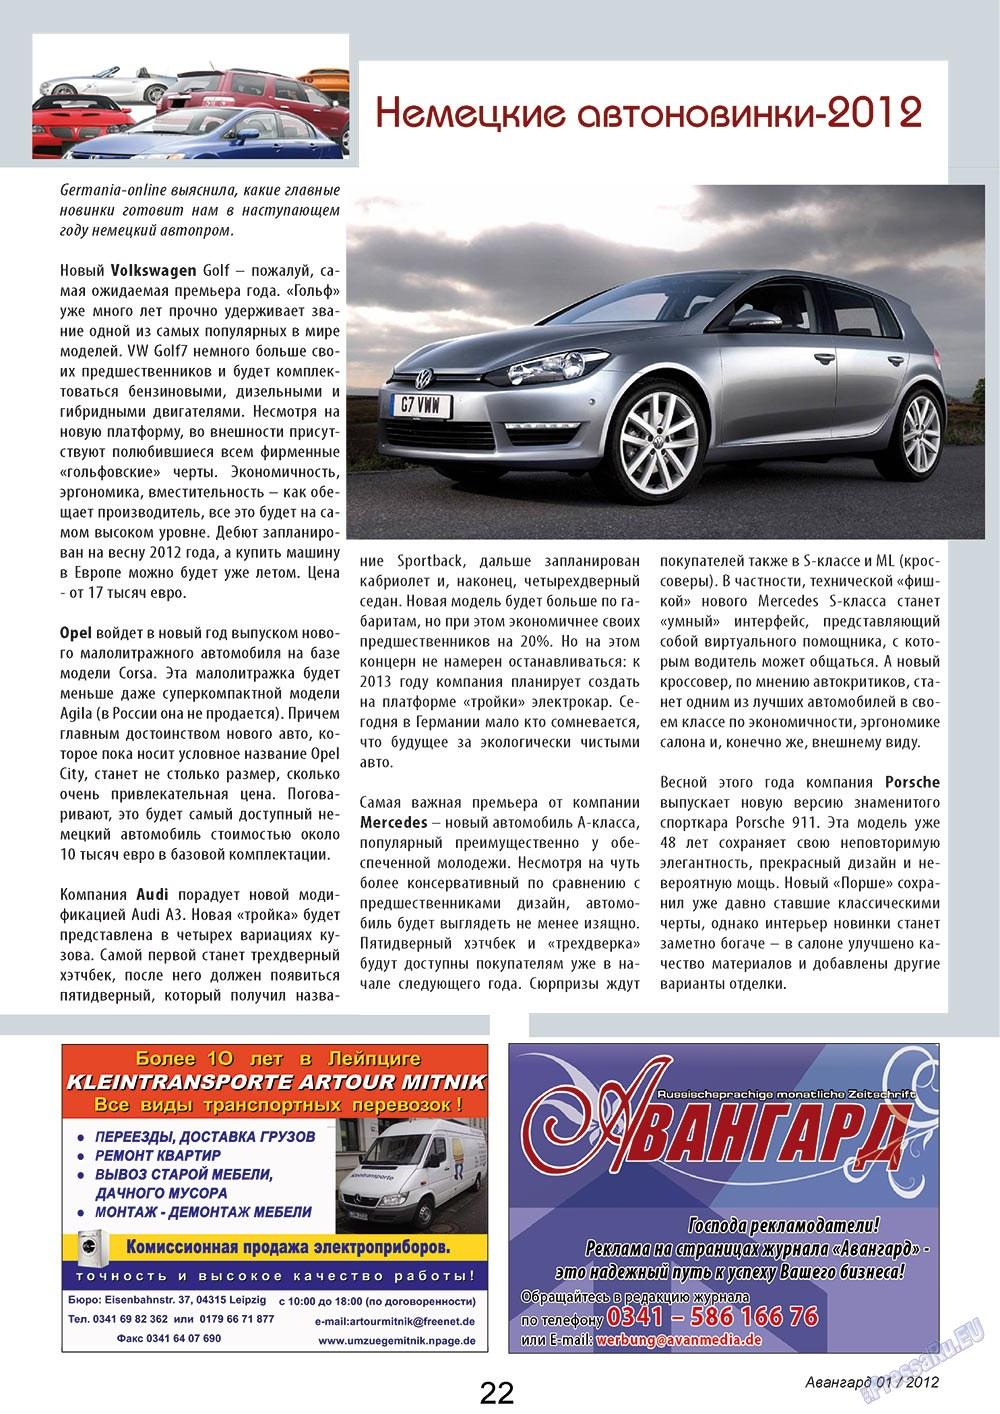 Авангард (журнал). 2012 год, номер 1, стр. 22